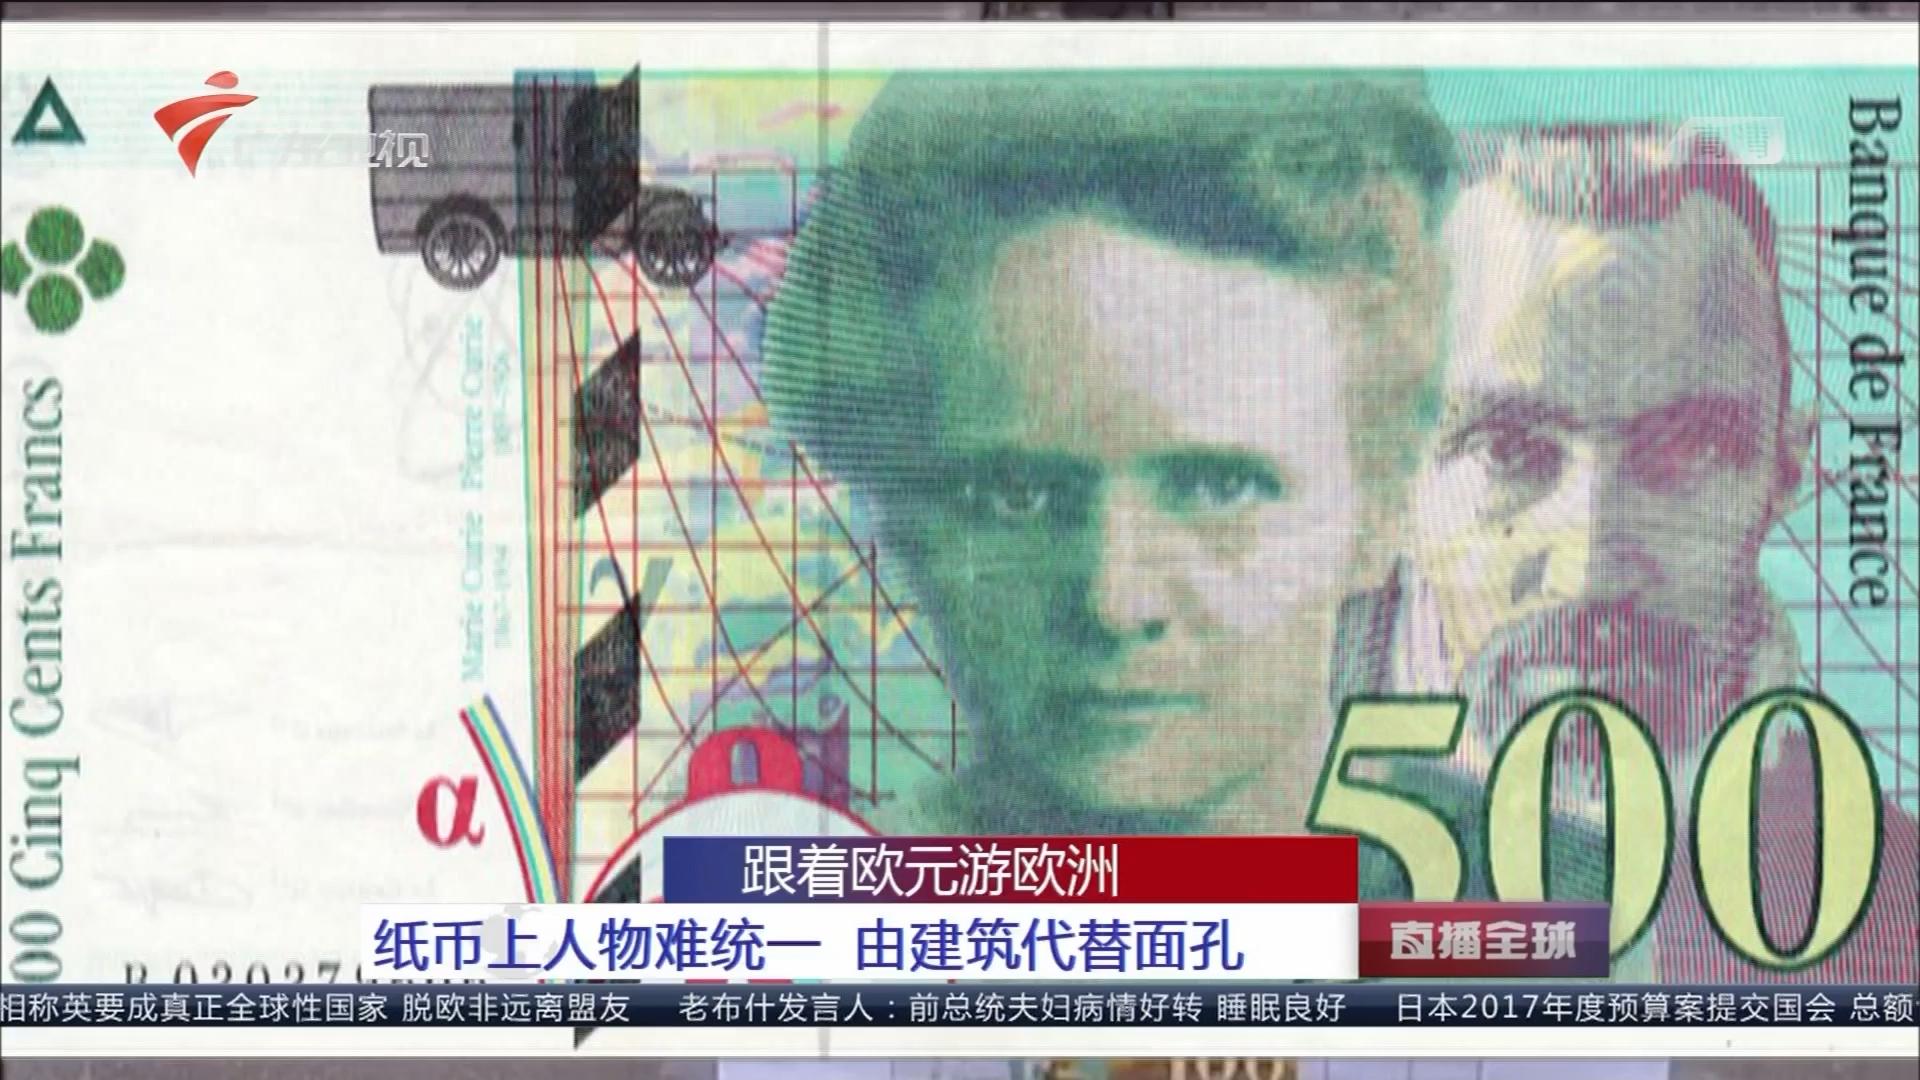 跟着欧元游欧洲:纸币上人物难统一 由建筑代替面孔